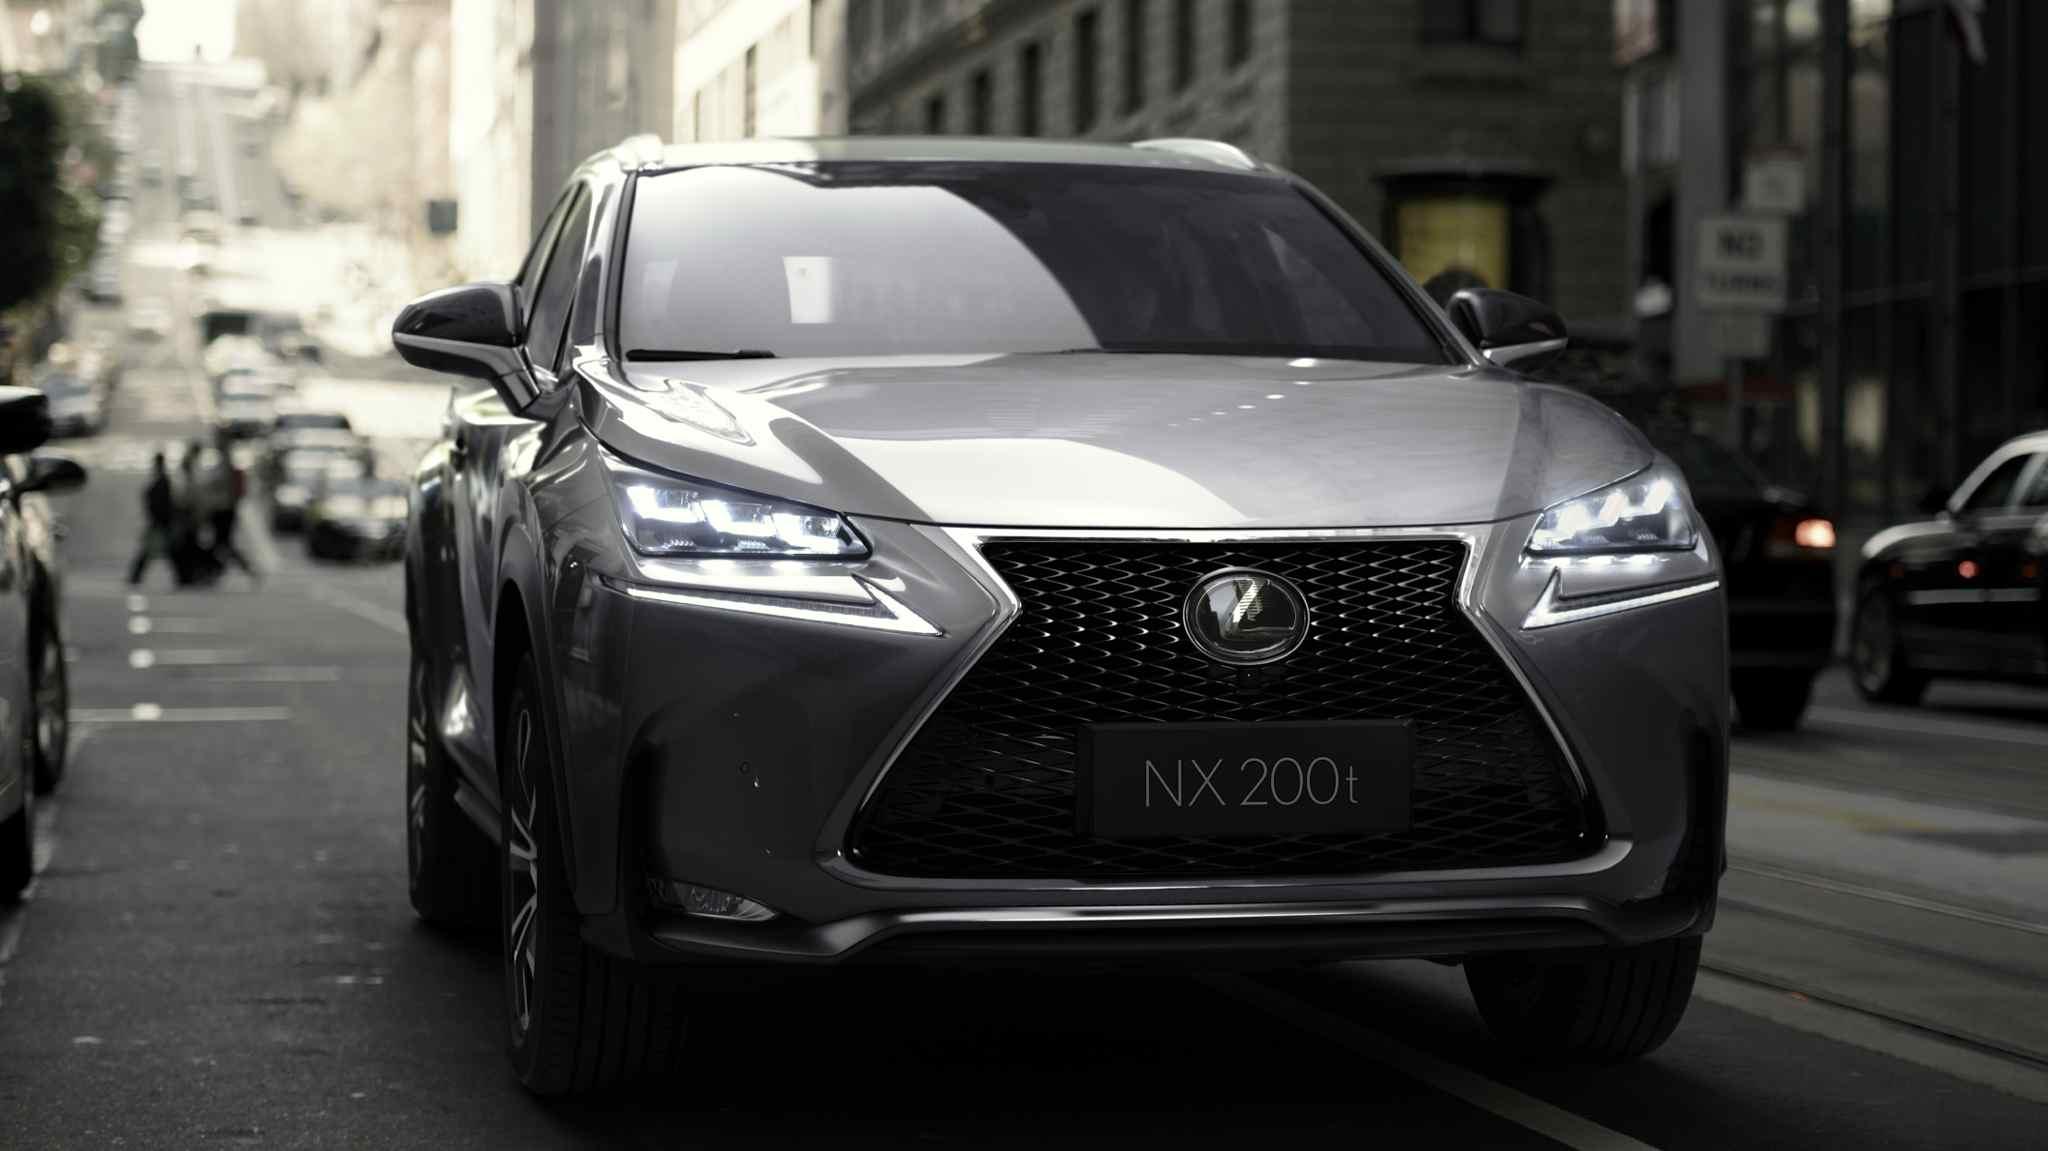 Lexus NX - neues Kompakt SUV für 2014. Preise noch nicht bekannt